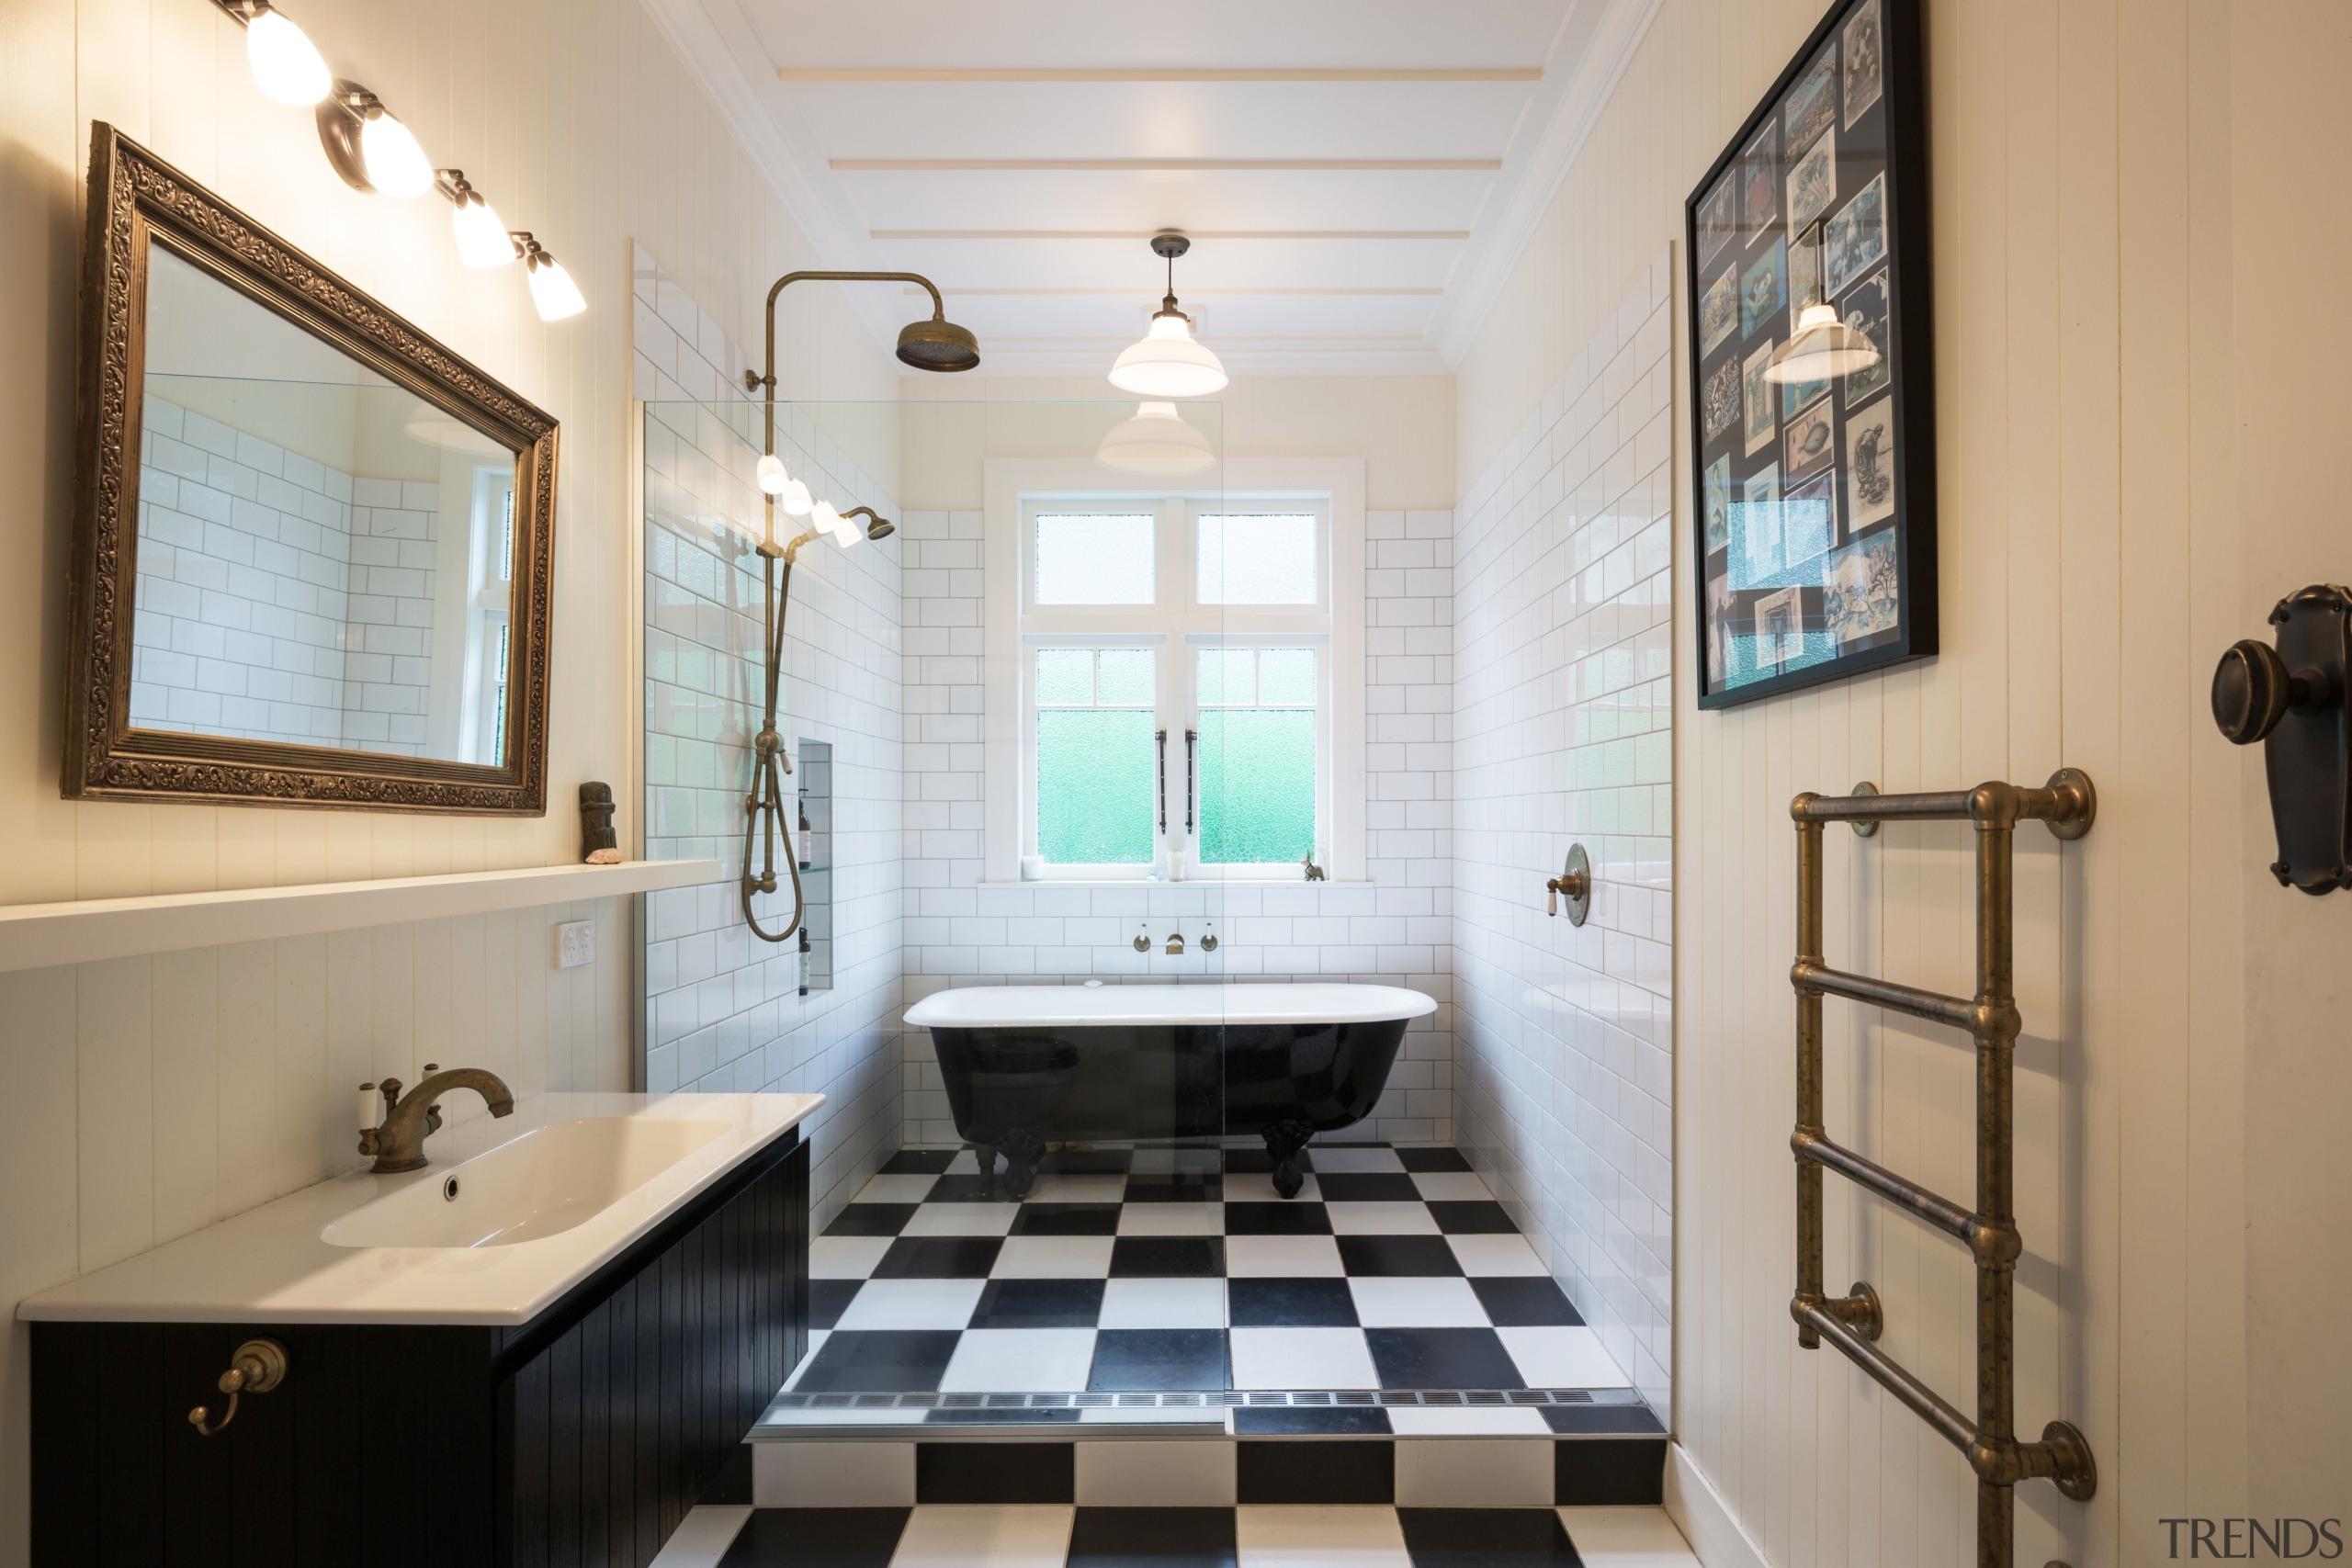 Family Bathroom - bathroom | estate | floor bathroom, estate, floor, home, interior design, real estate, room, gray